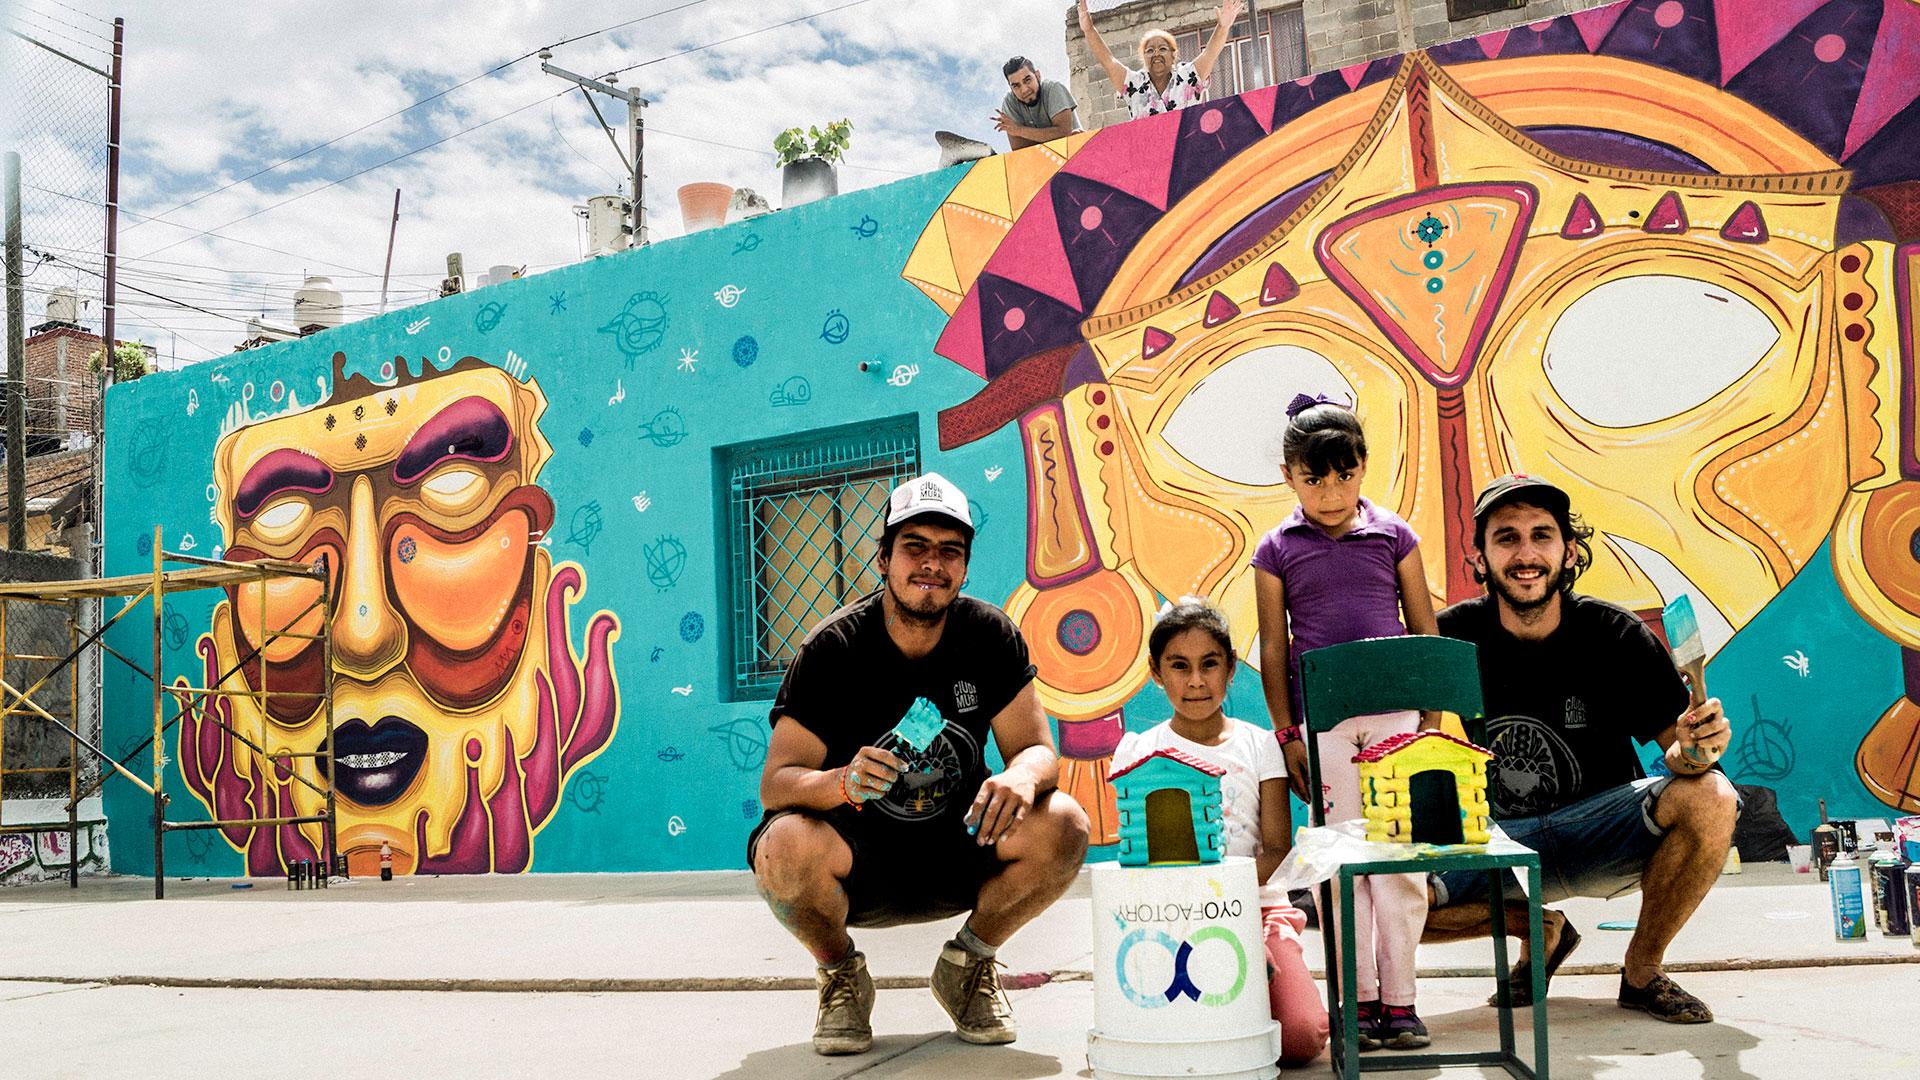 Comex por un m xico bien hecho ciudad mural zacatecas for Arte colectivo mural